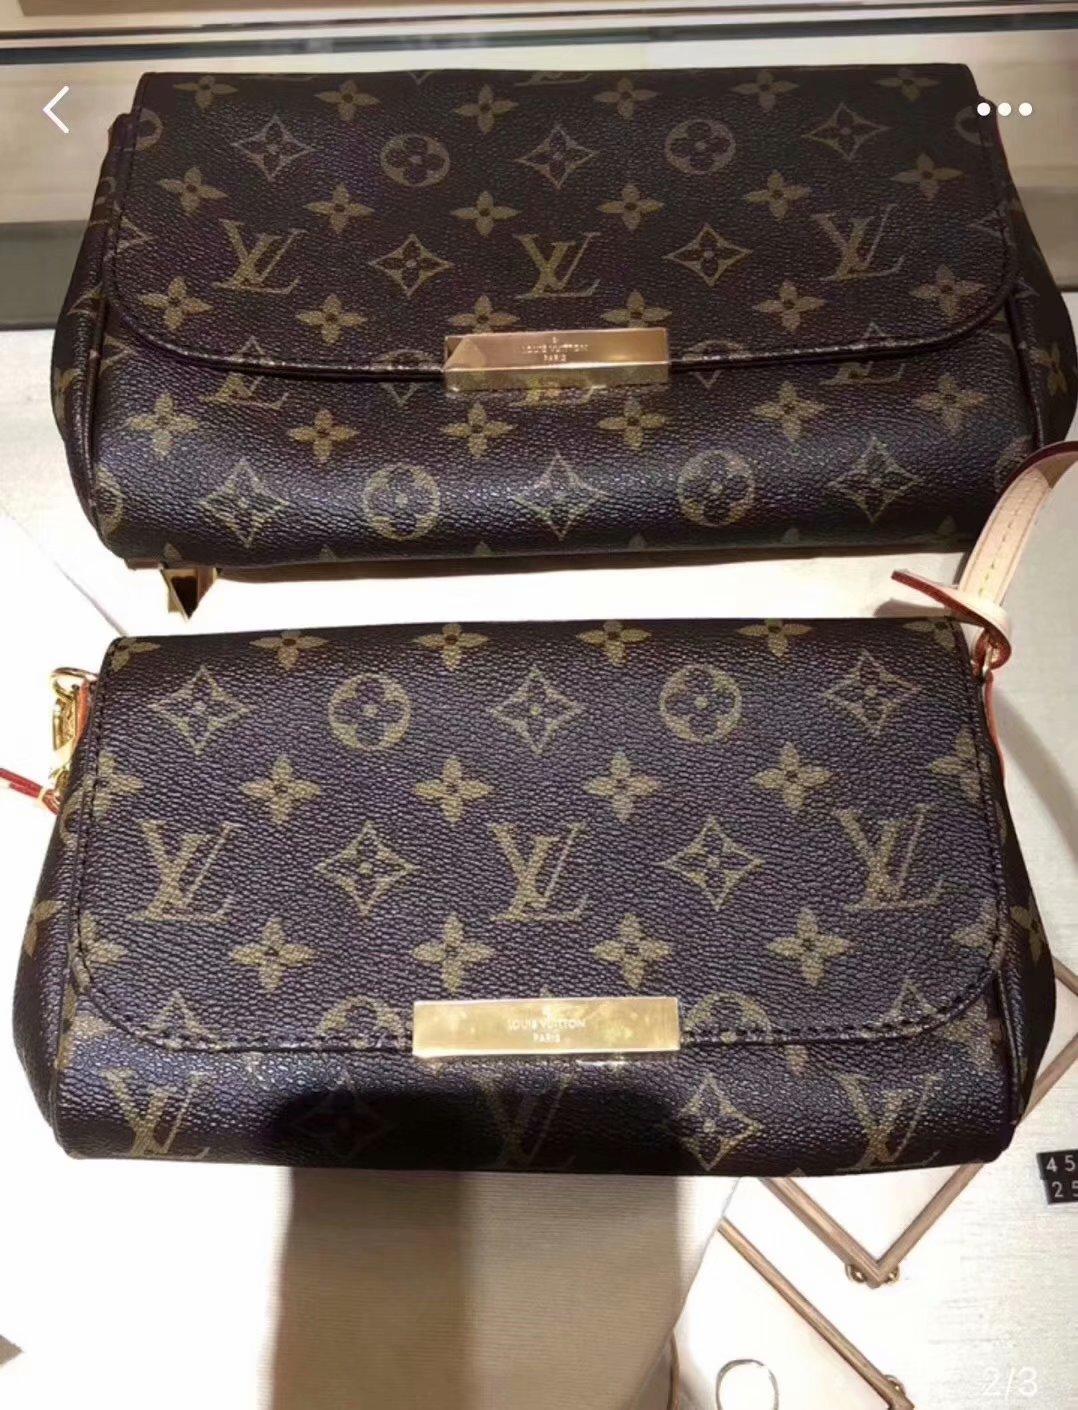 Authentic Replica Louis Vuitton M41276 Favorite PM MM Women Mini Shoulder Bag